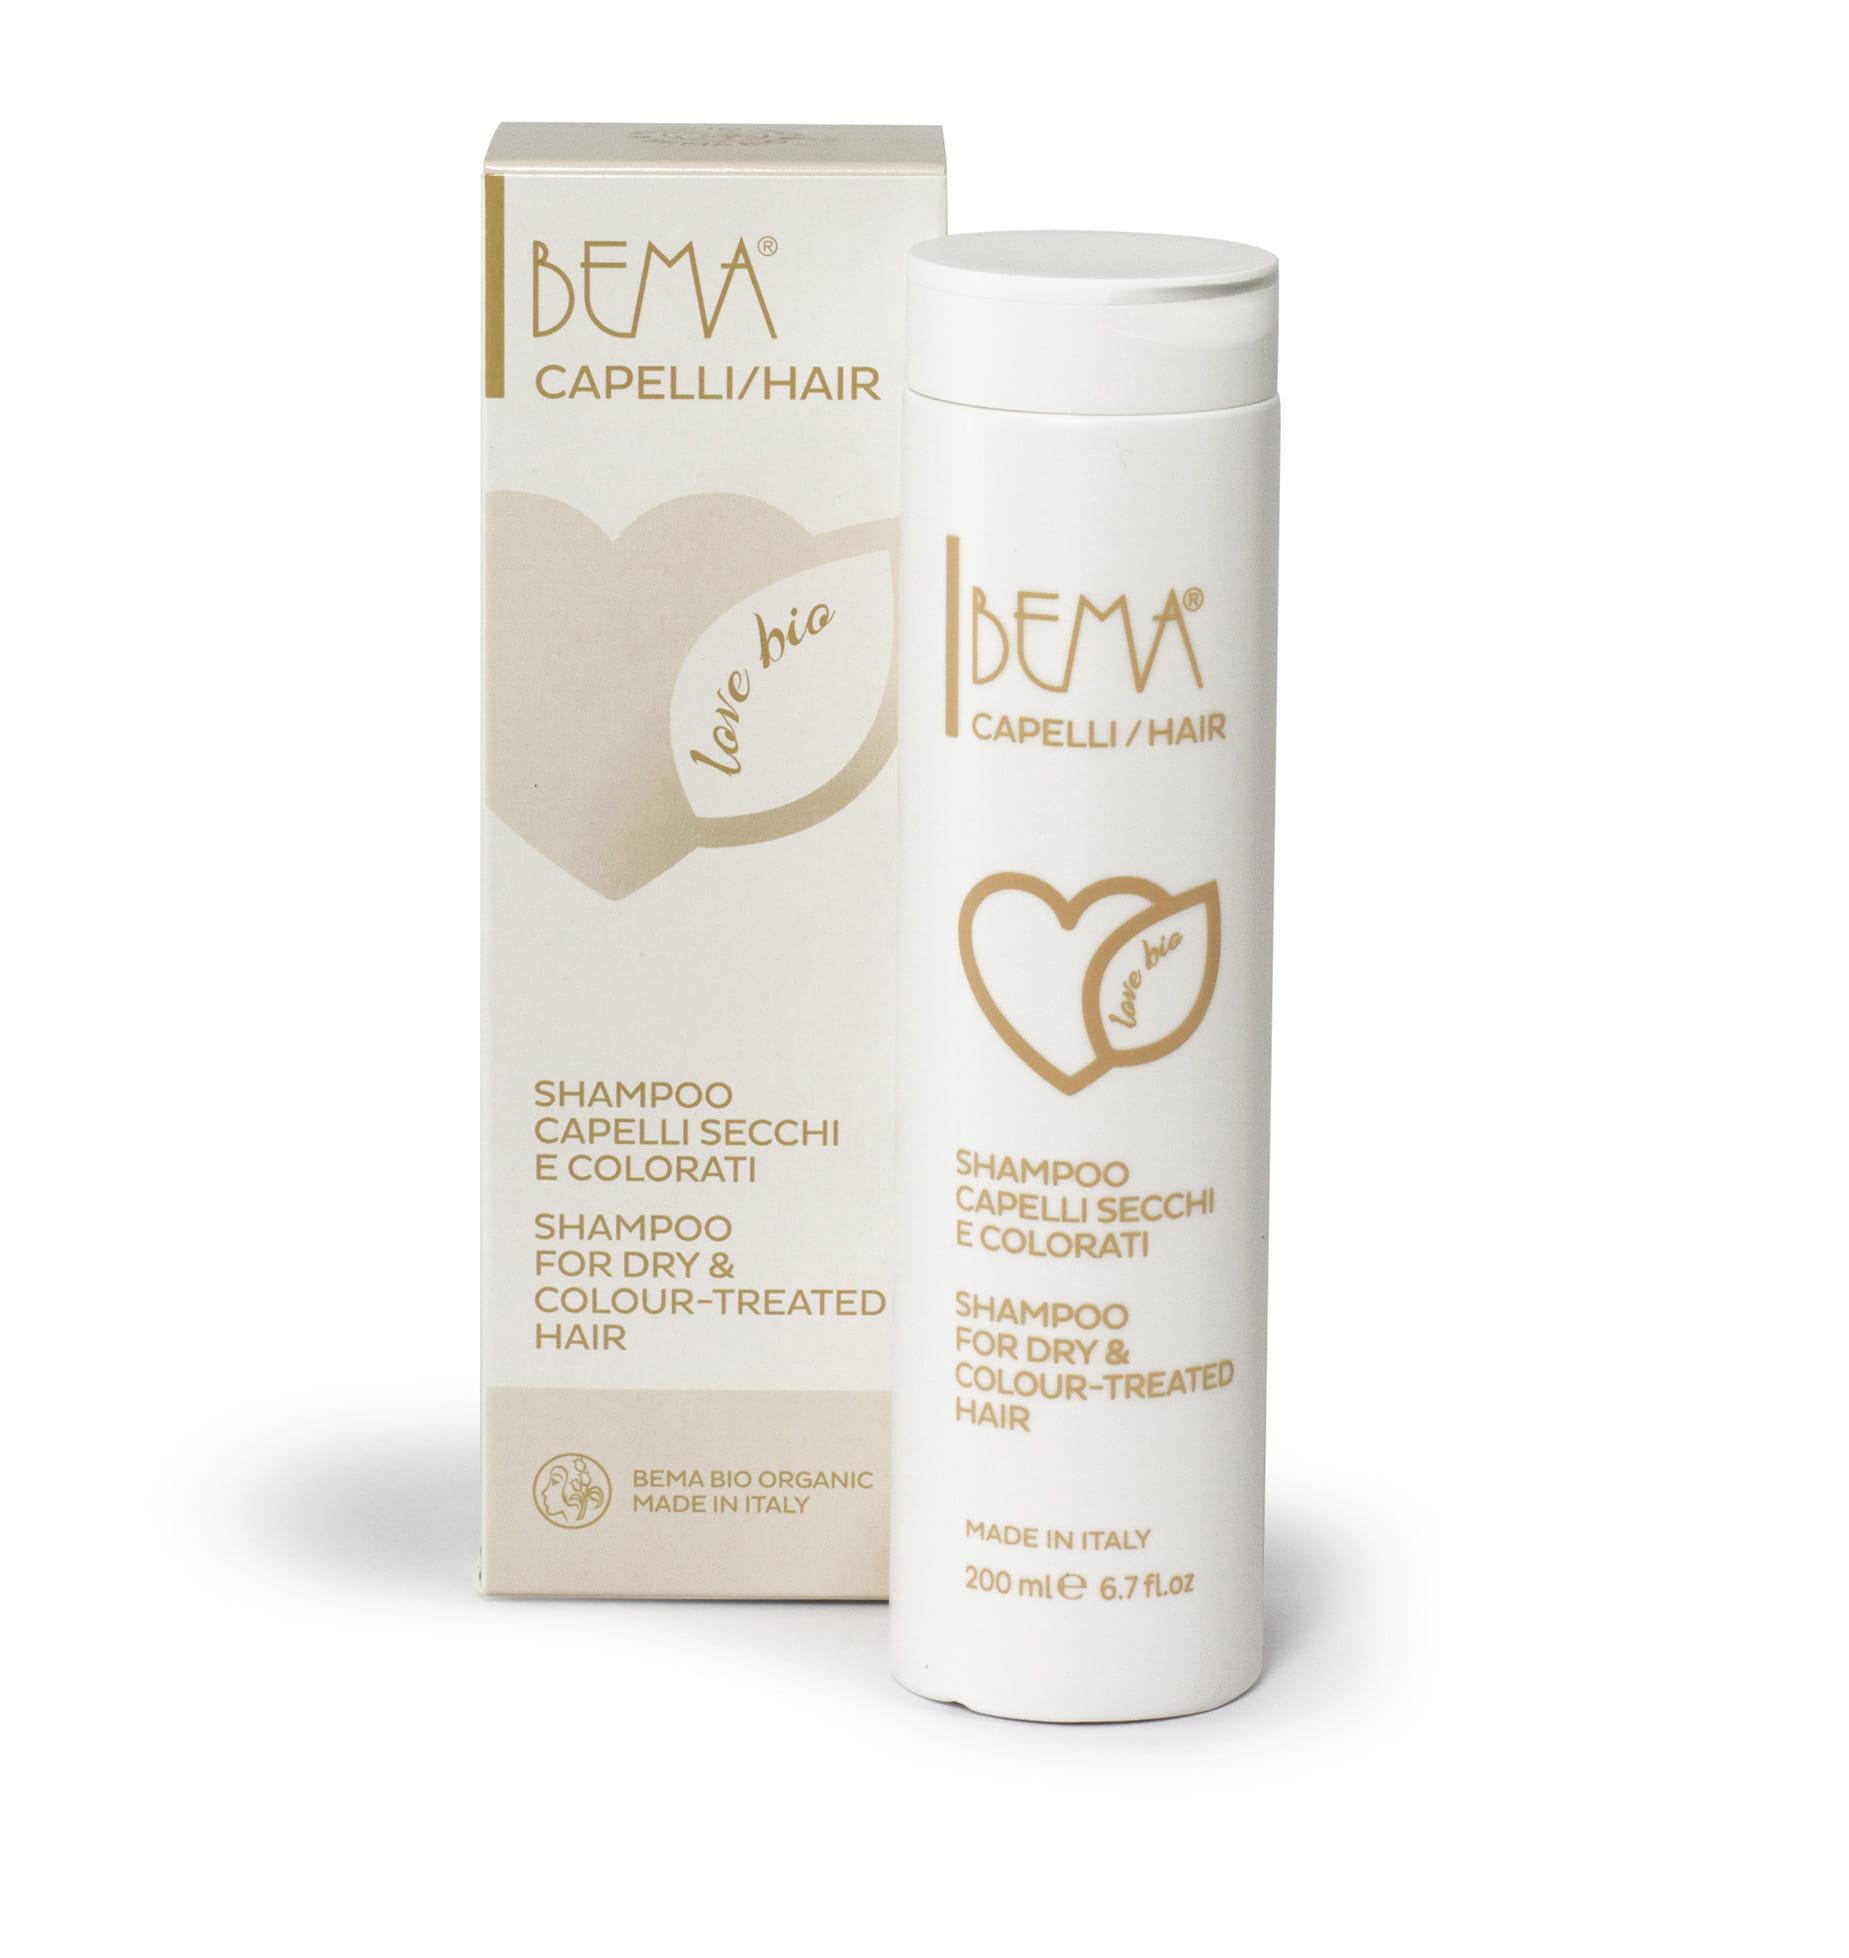 Szampon do włosów suchych i farbowanych Bema Cosmetici Love Bio